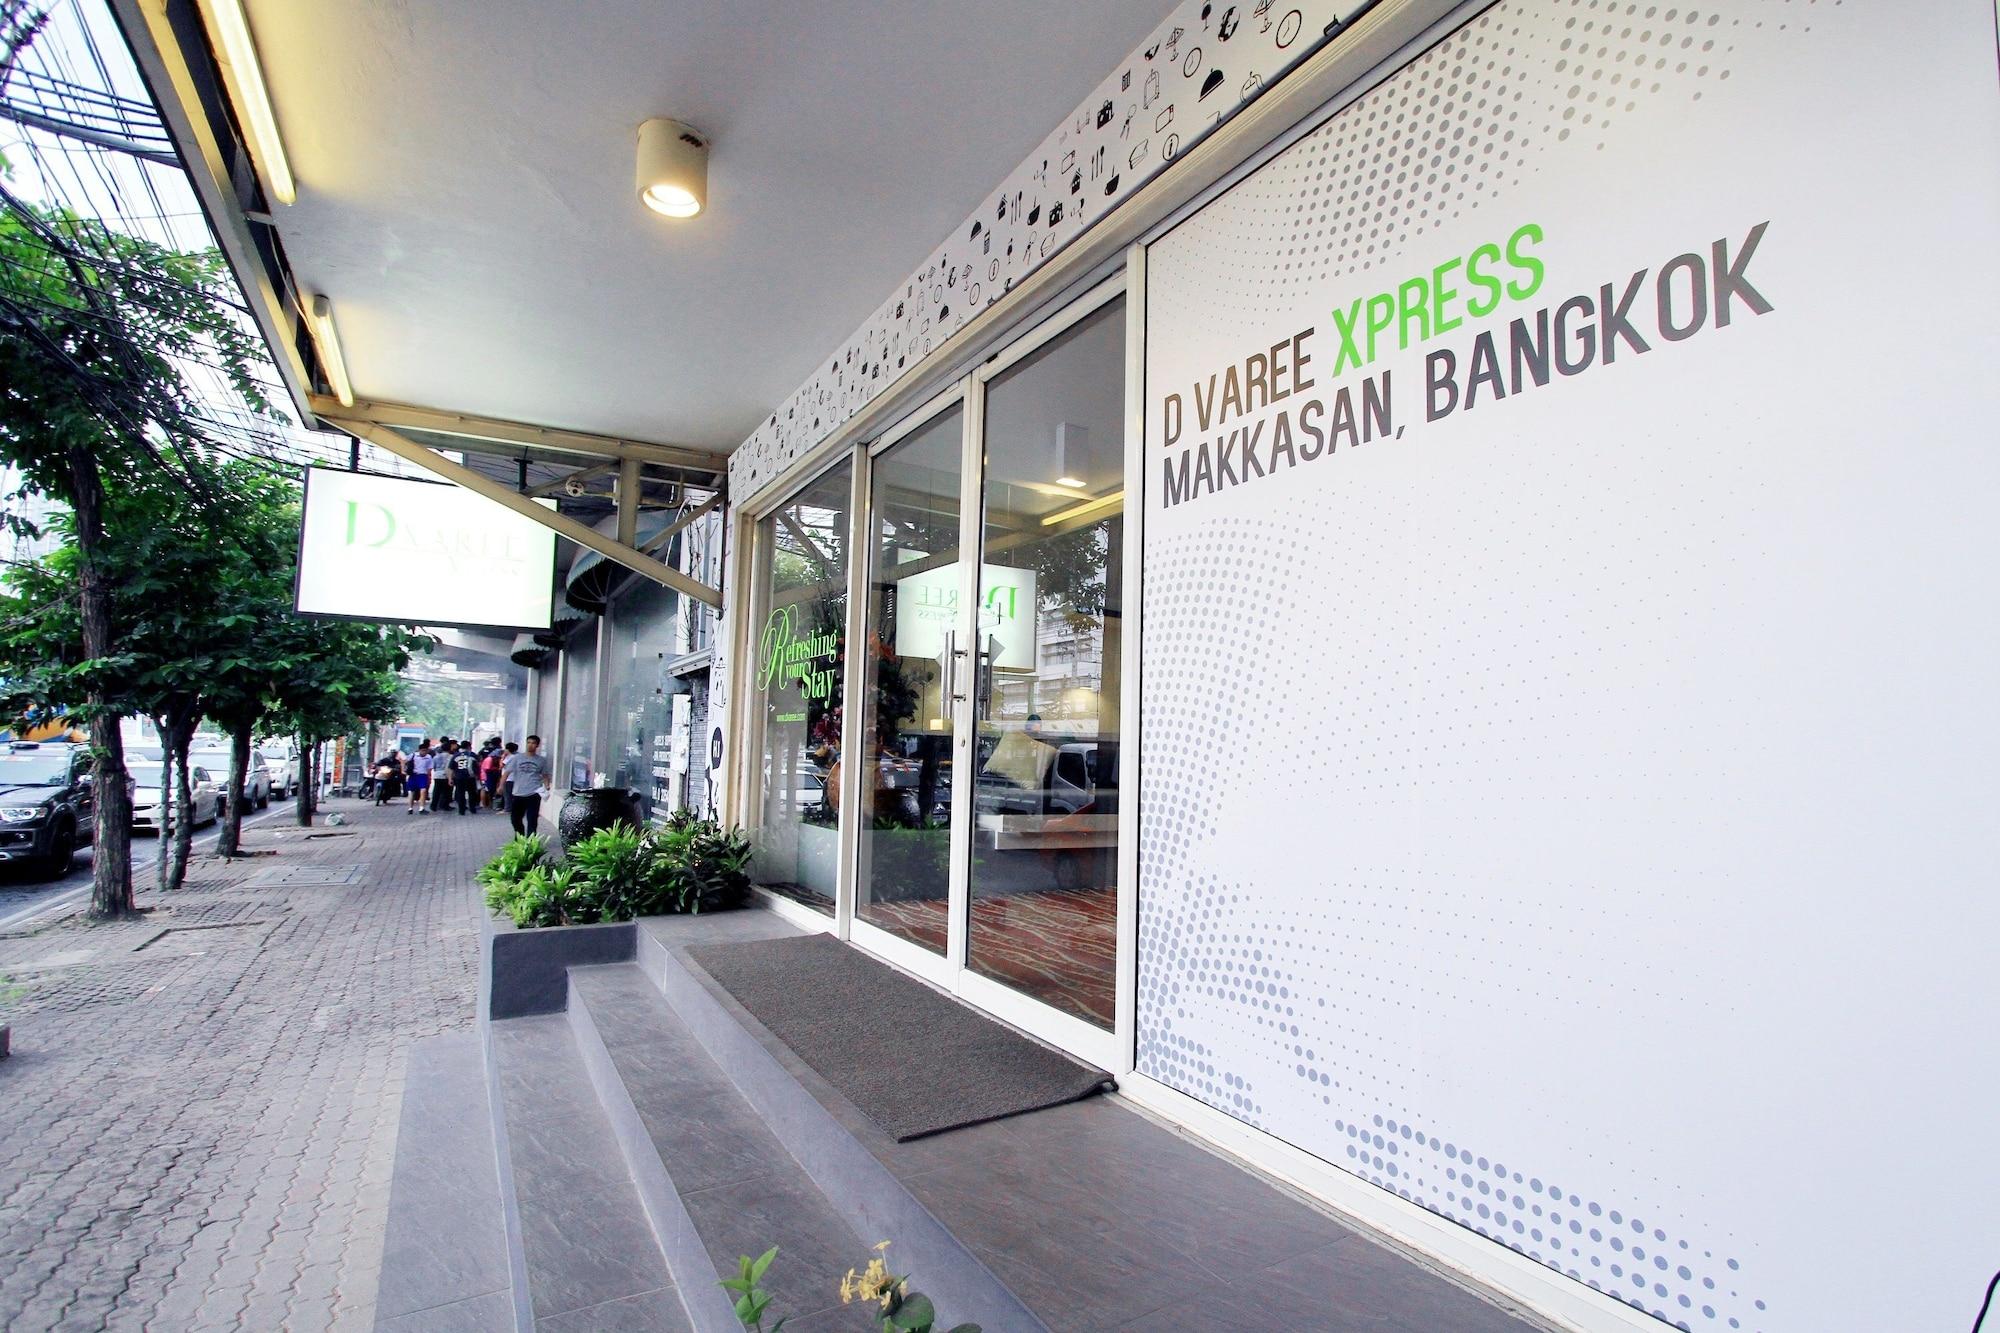 D Varee Xpress Makkasan Bangkok, Wattana